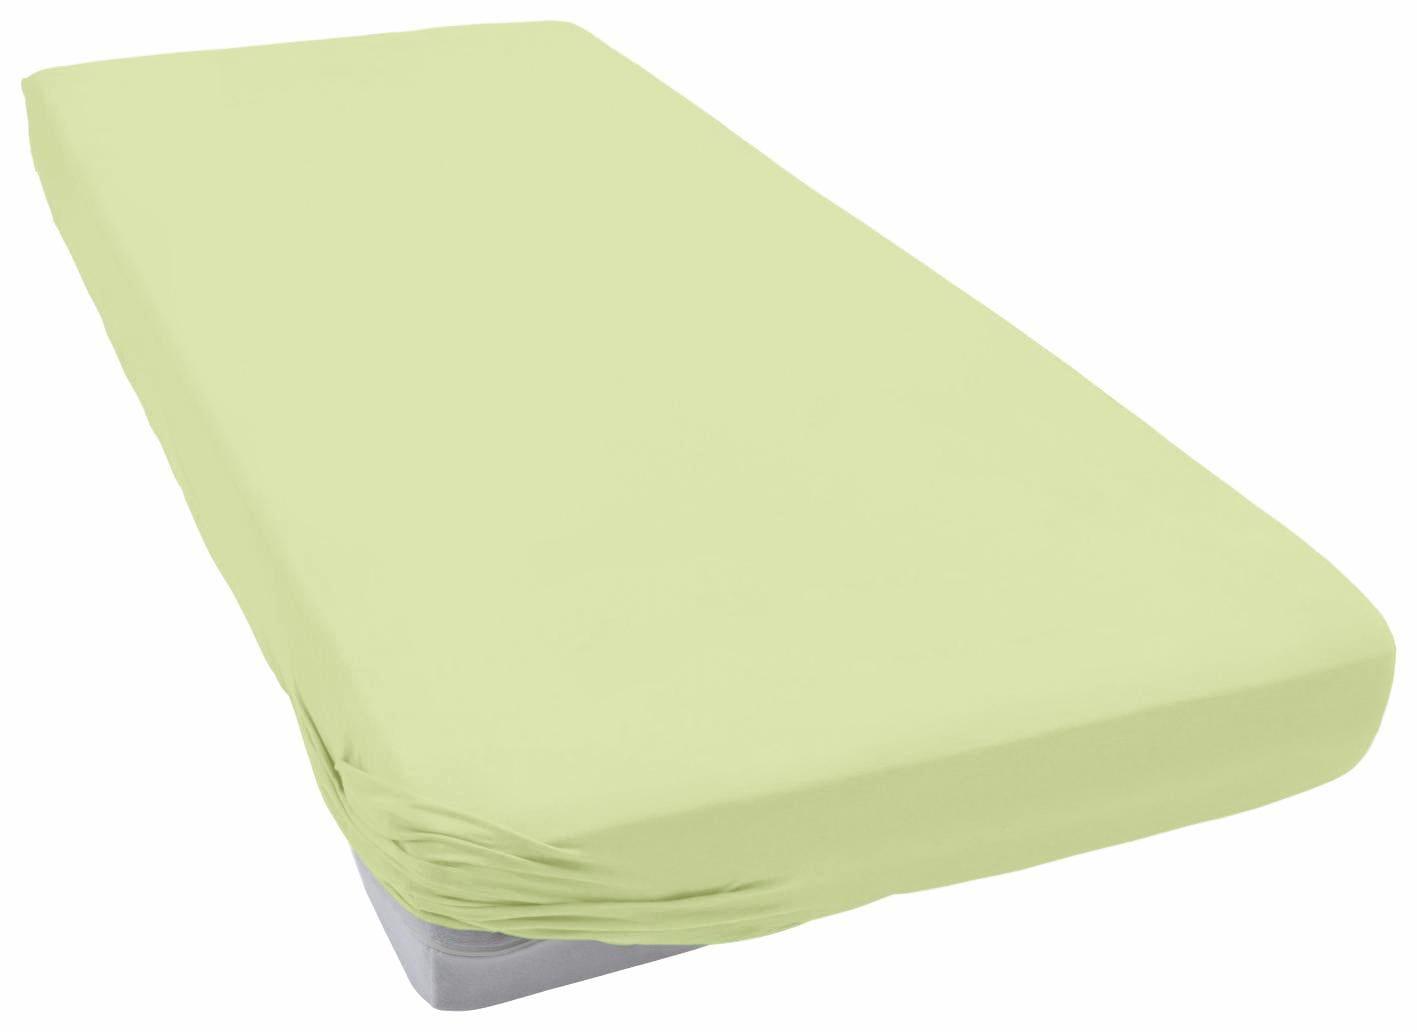 Spannbettlaken »Teddy Flausch«, Primera | Bekleidung > Bademode > Bademäntel | Grün | Flausch - Biber - Baumwolle - Polyester | PRIMERA FIRST SLEEPWARE